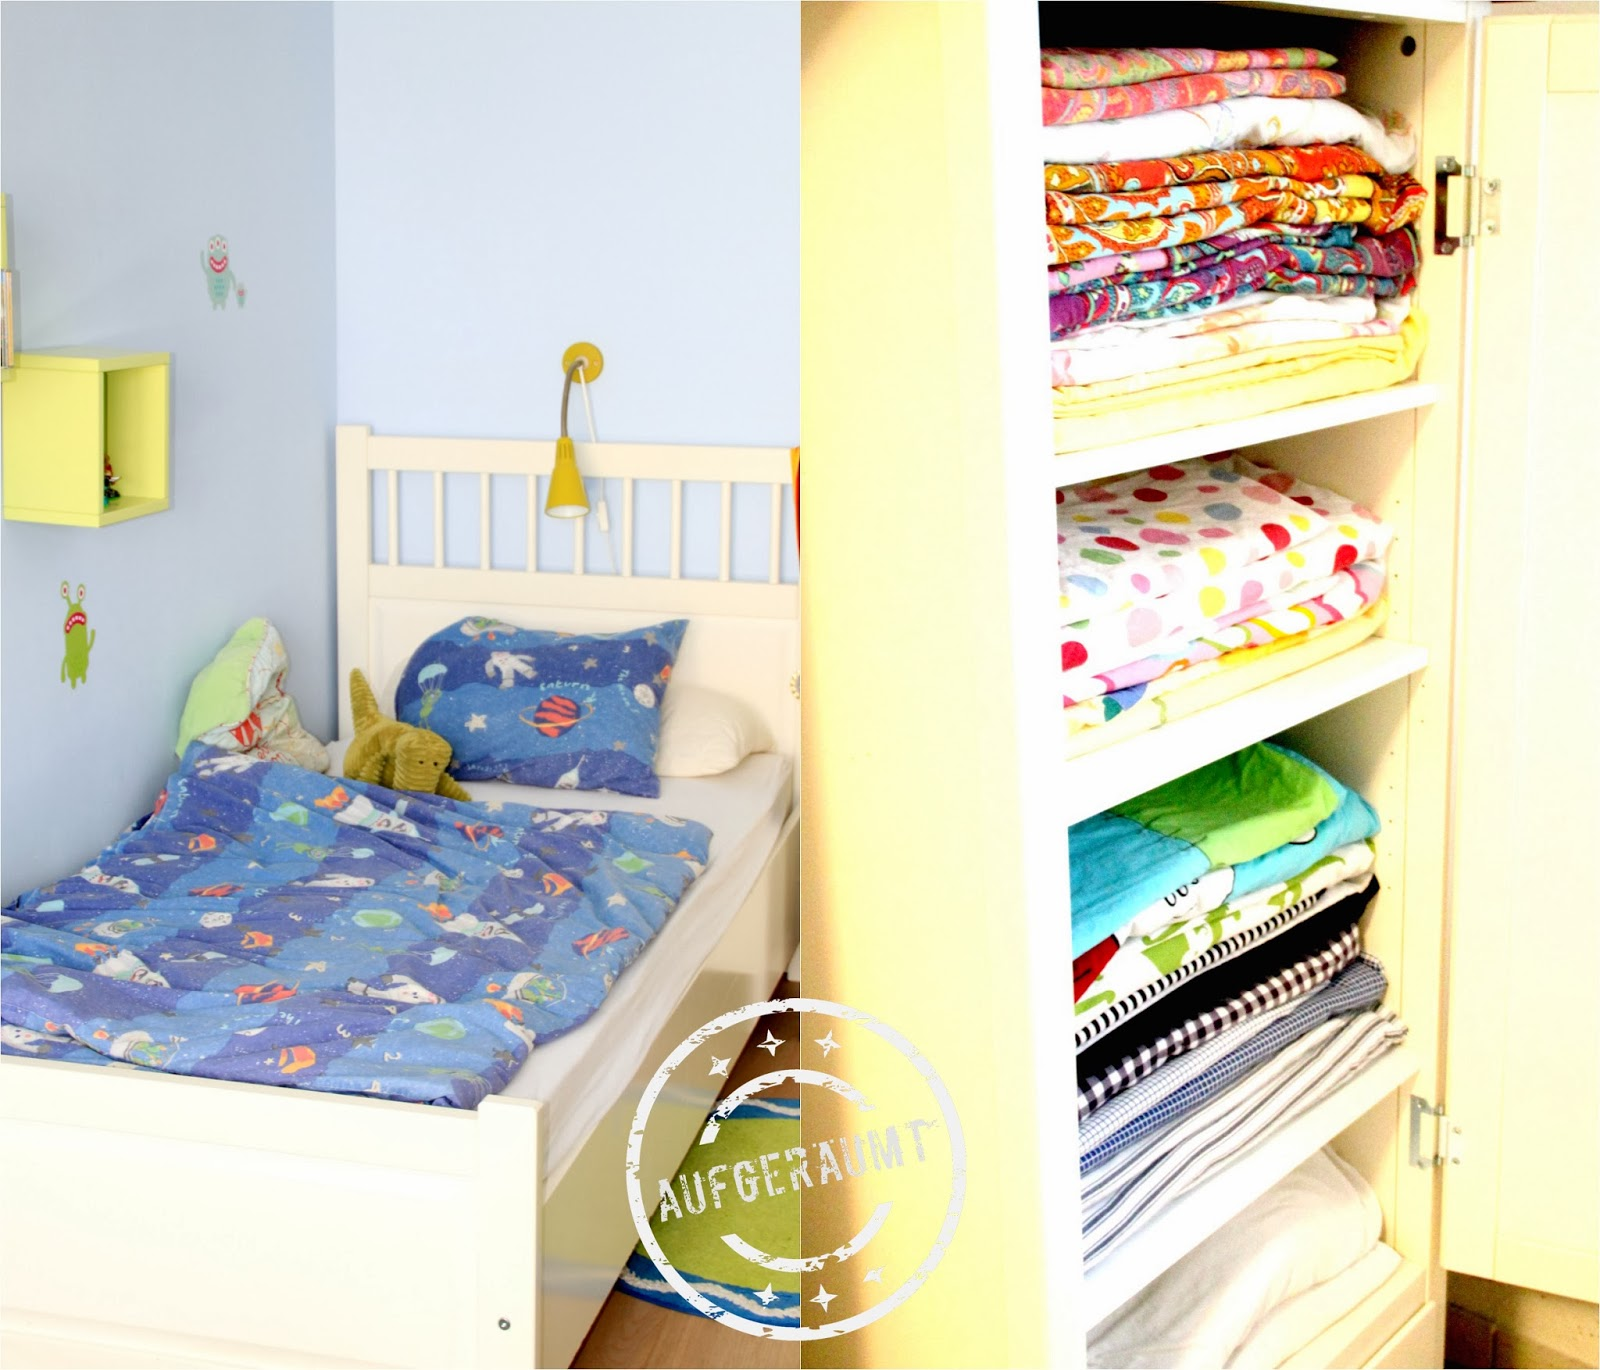 Bettwäsche für das Kinderzimmer - auch hier braucht man maximal zwei Garnituren